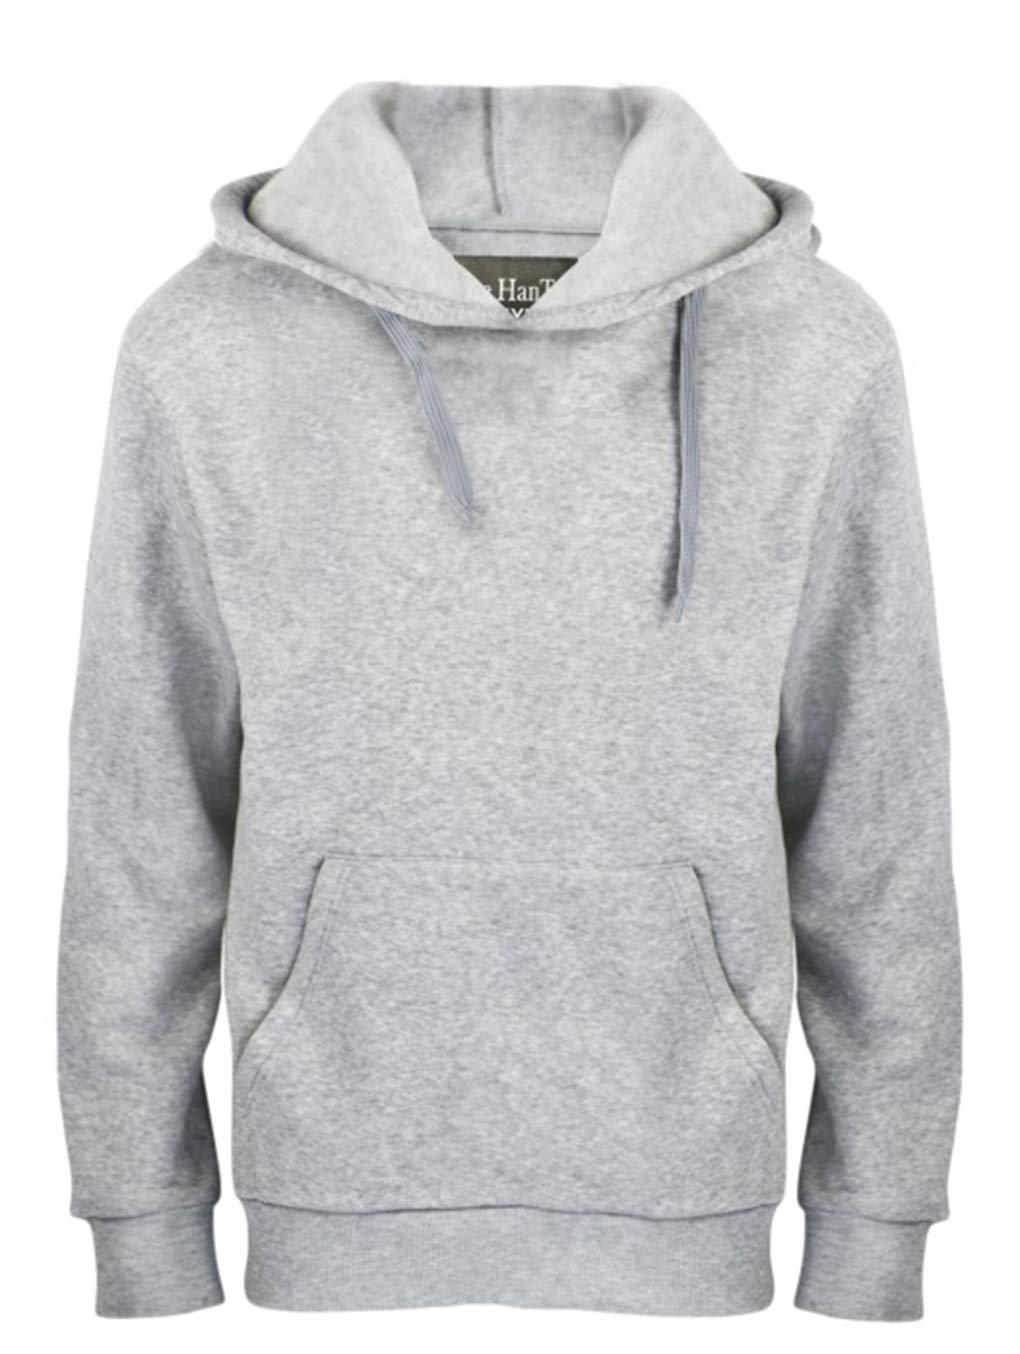 Leehanton Men's Pullover Fleece Hoodies Soft & Cozy Classic Lightweight Hooded Sweatshirts